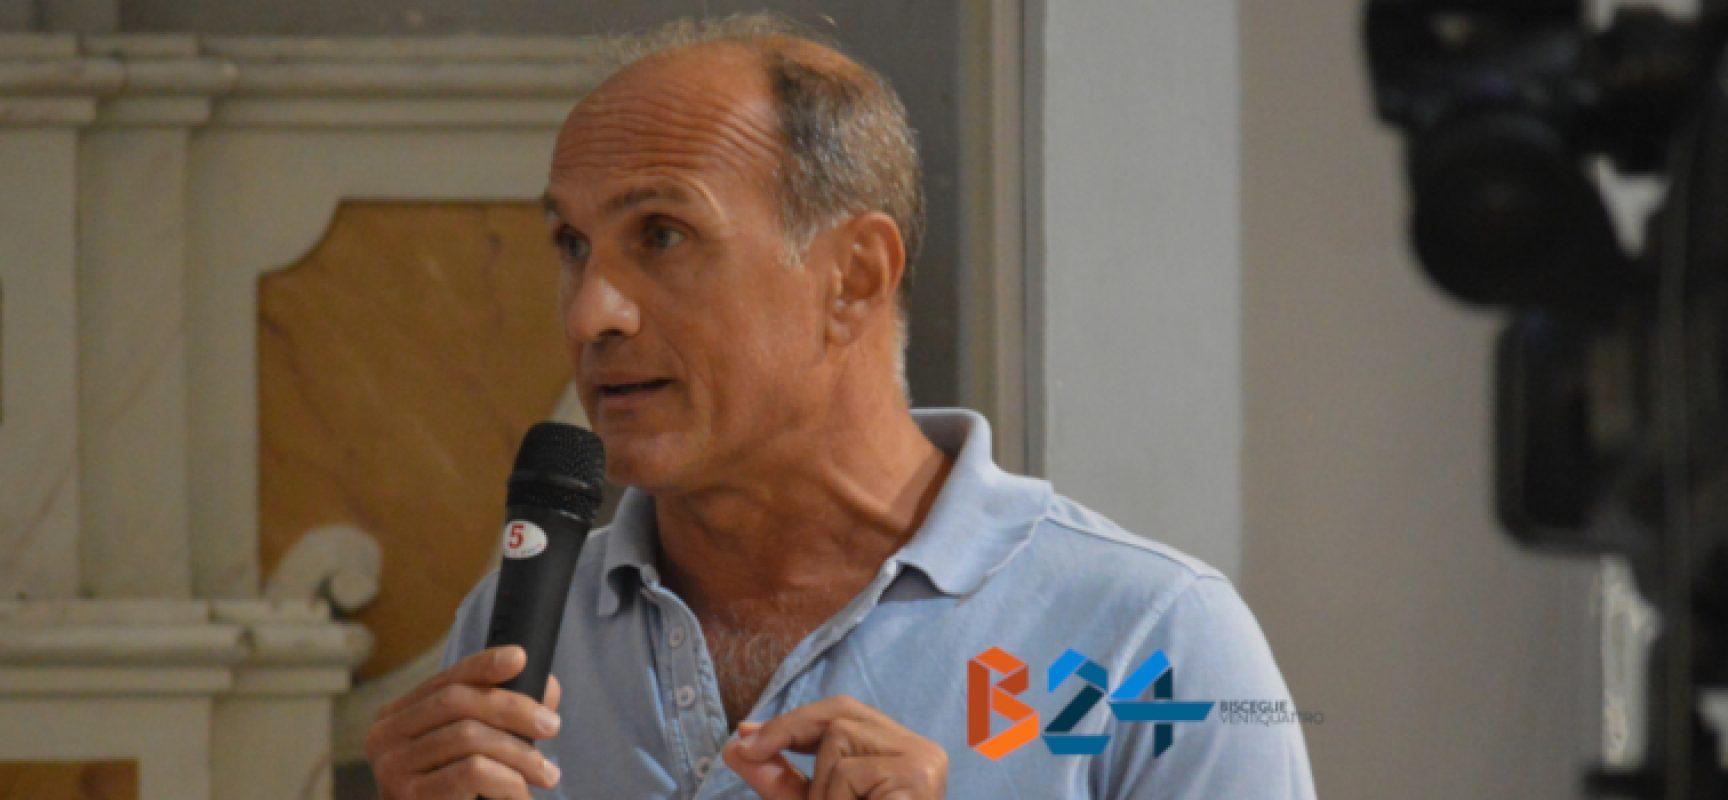 Amendolagine (M5S) chiede convocazione urgente Commissione sicurezza urbana